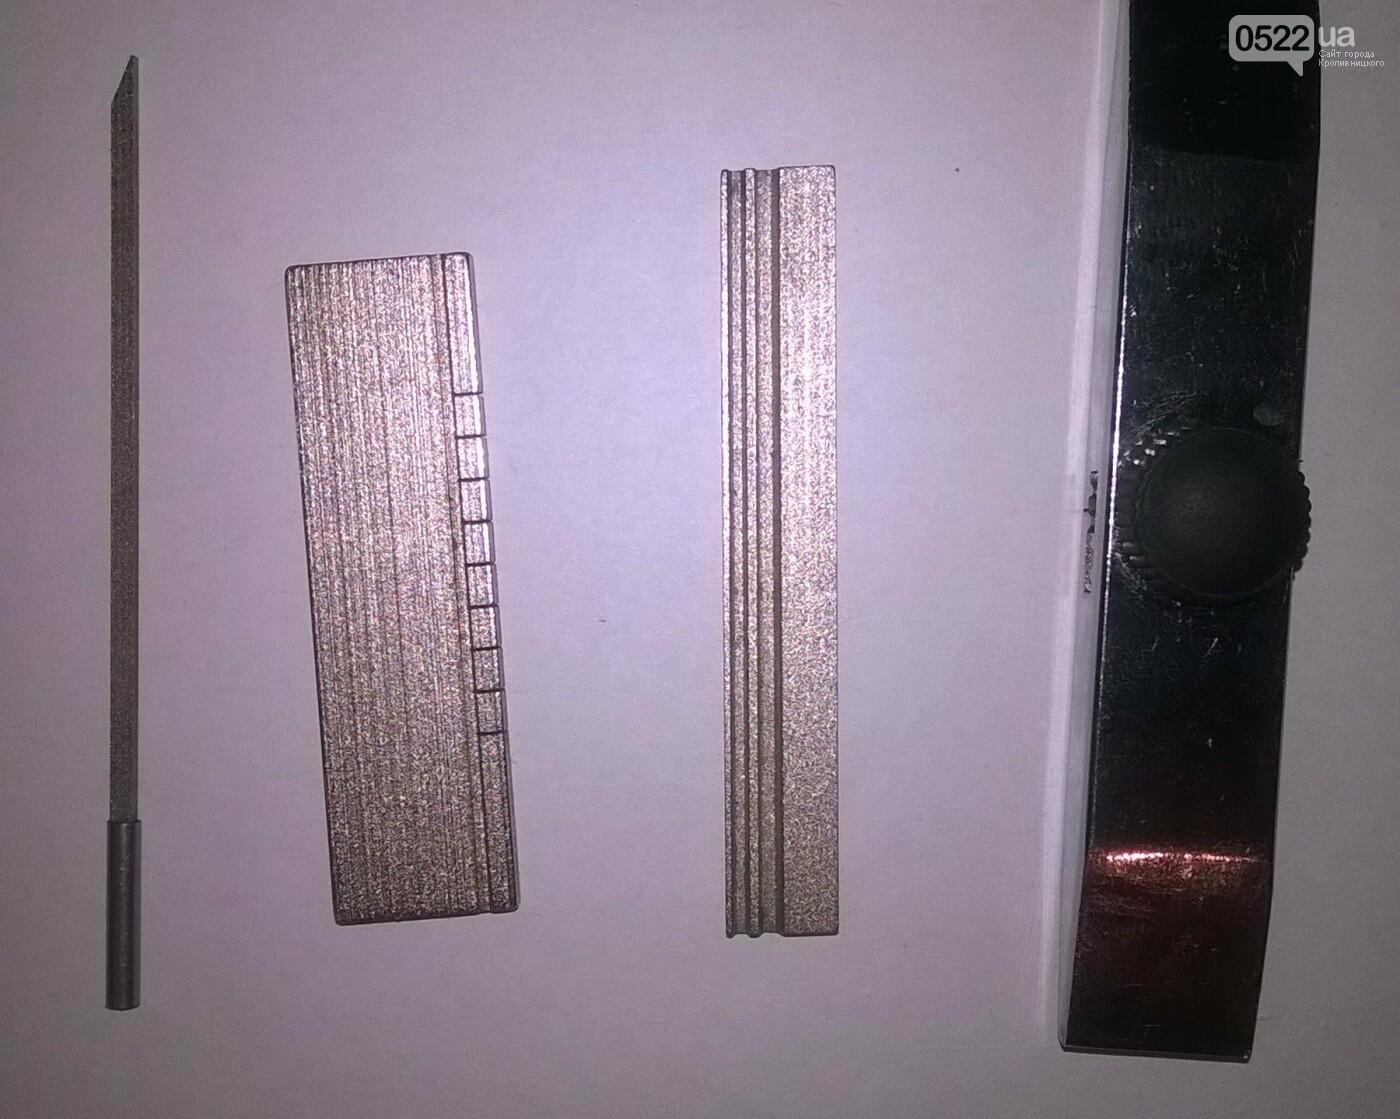 У Кропивницькому працівники поліції затримали двох підозрюваних у скоєнні понад півтора десятка крадіжок (ФОТО), фото-4